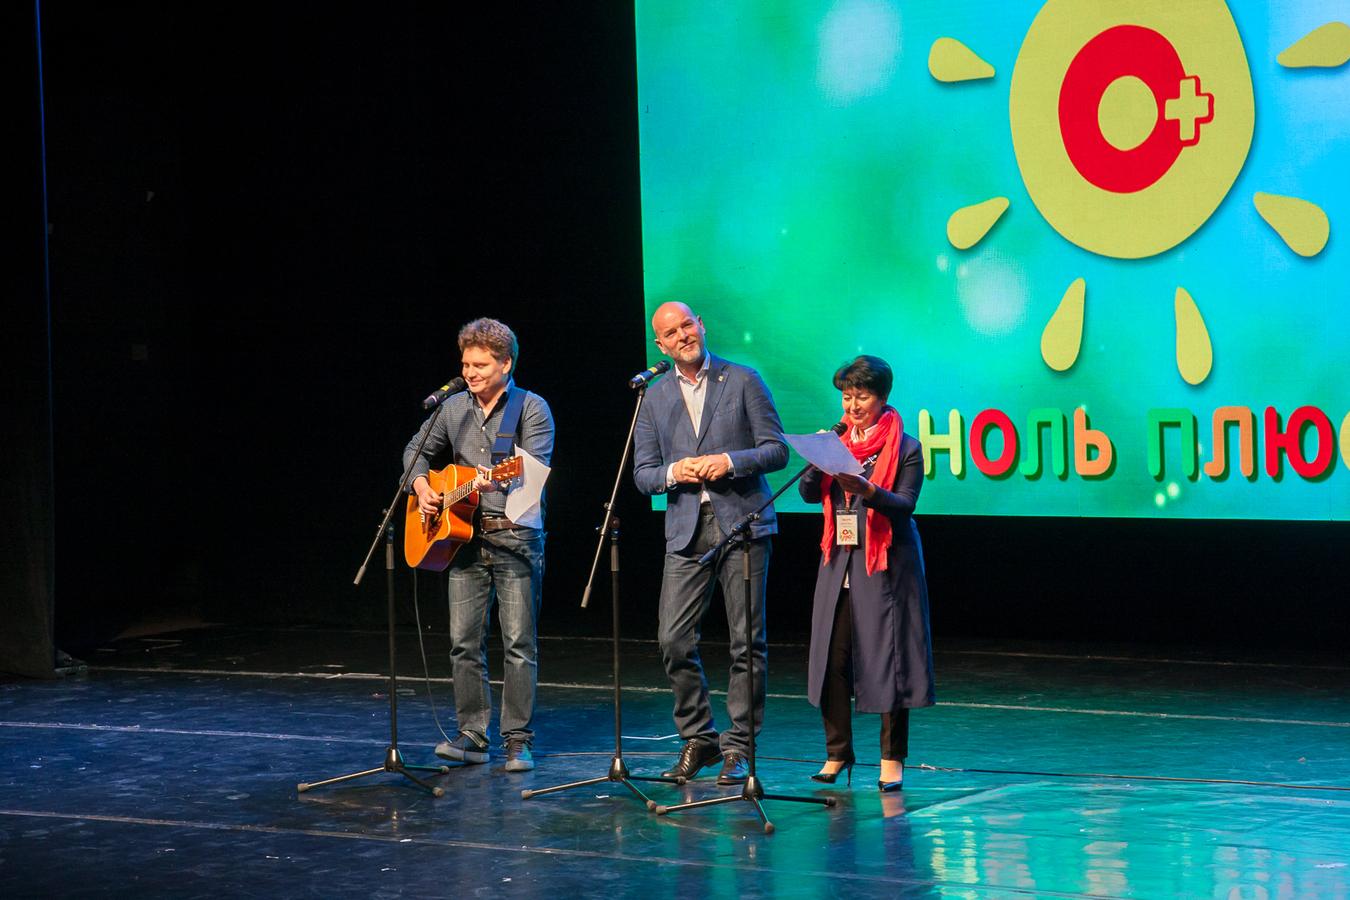 Гимн фестиваля Ноль Плюс обещает стать хитом